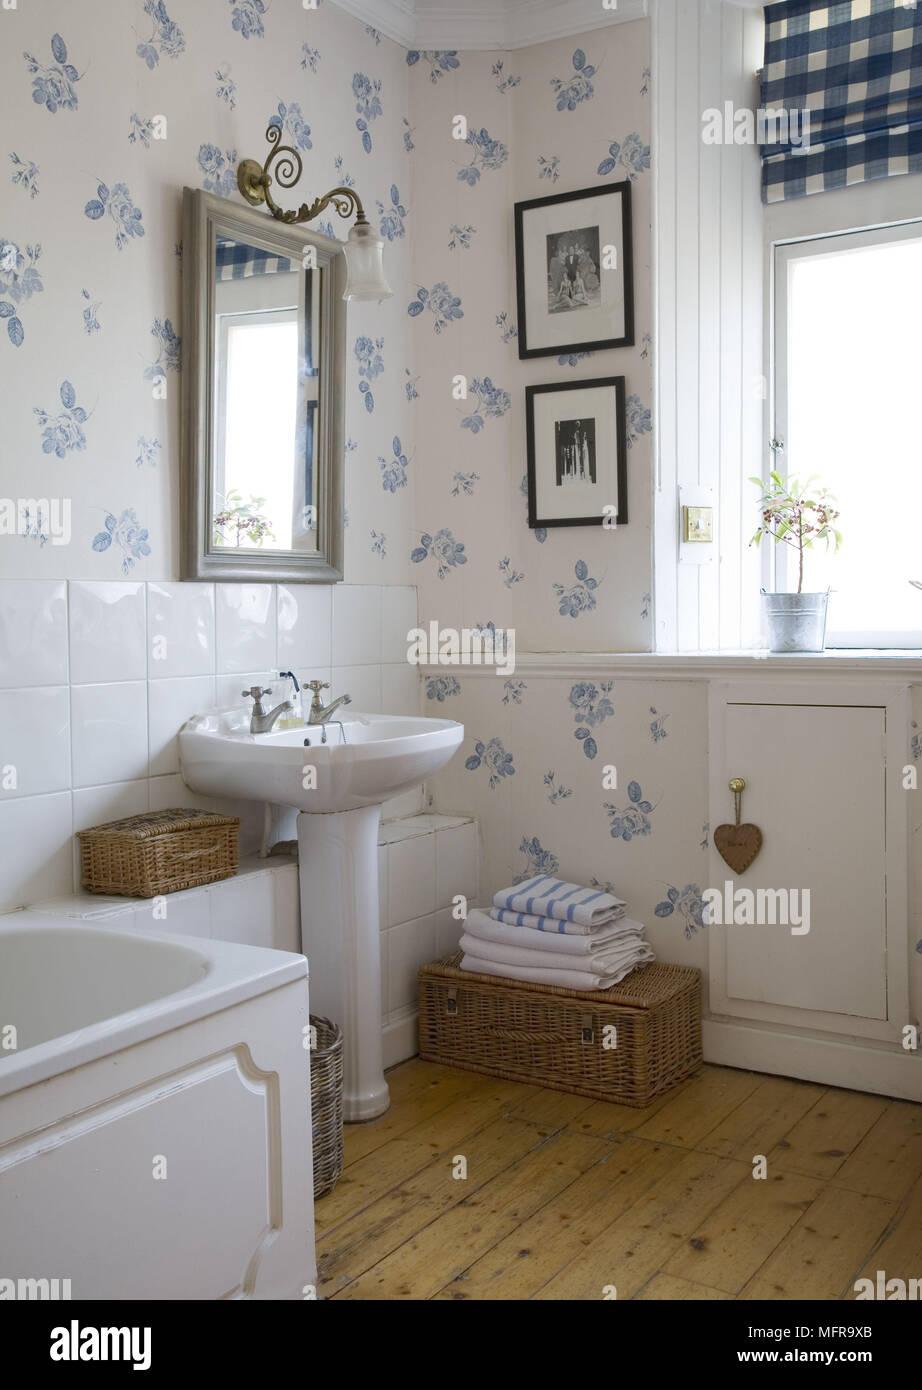 Salle De Bain Motif miroir au-dessus d'un lavabo dans la salle de bains de style